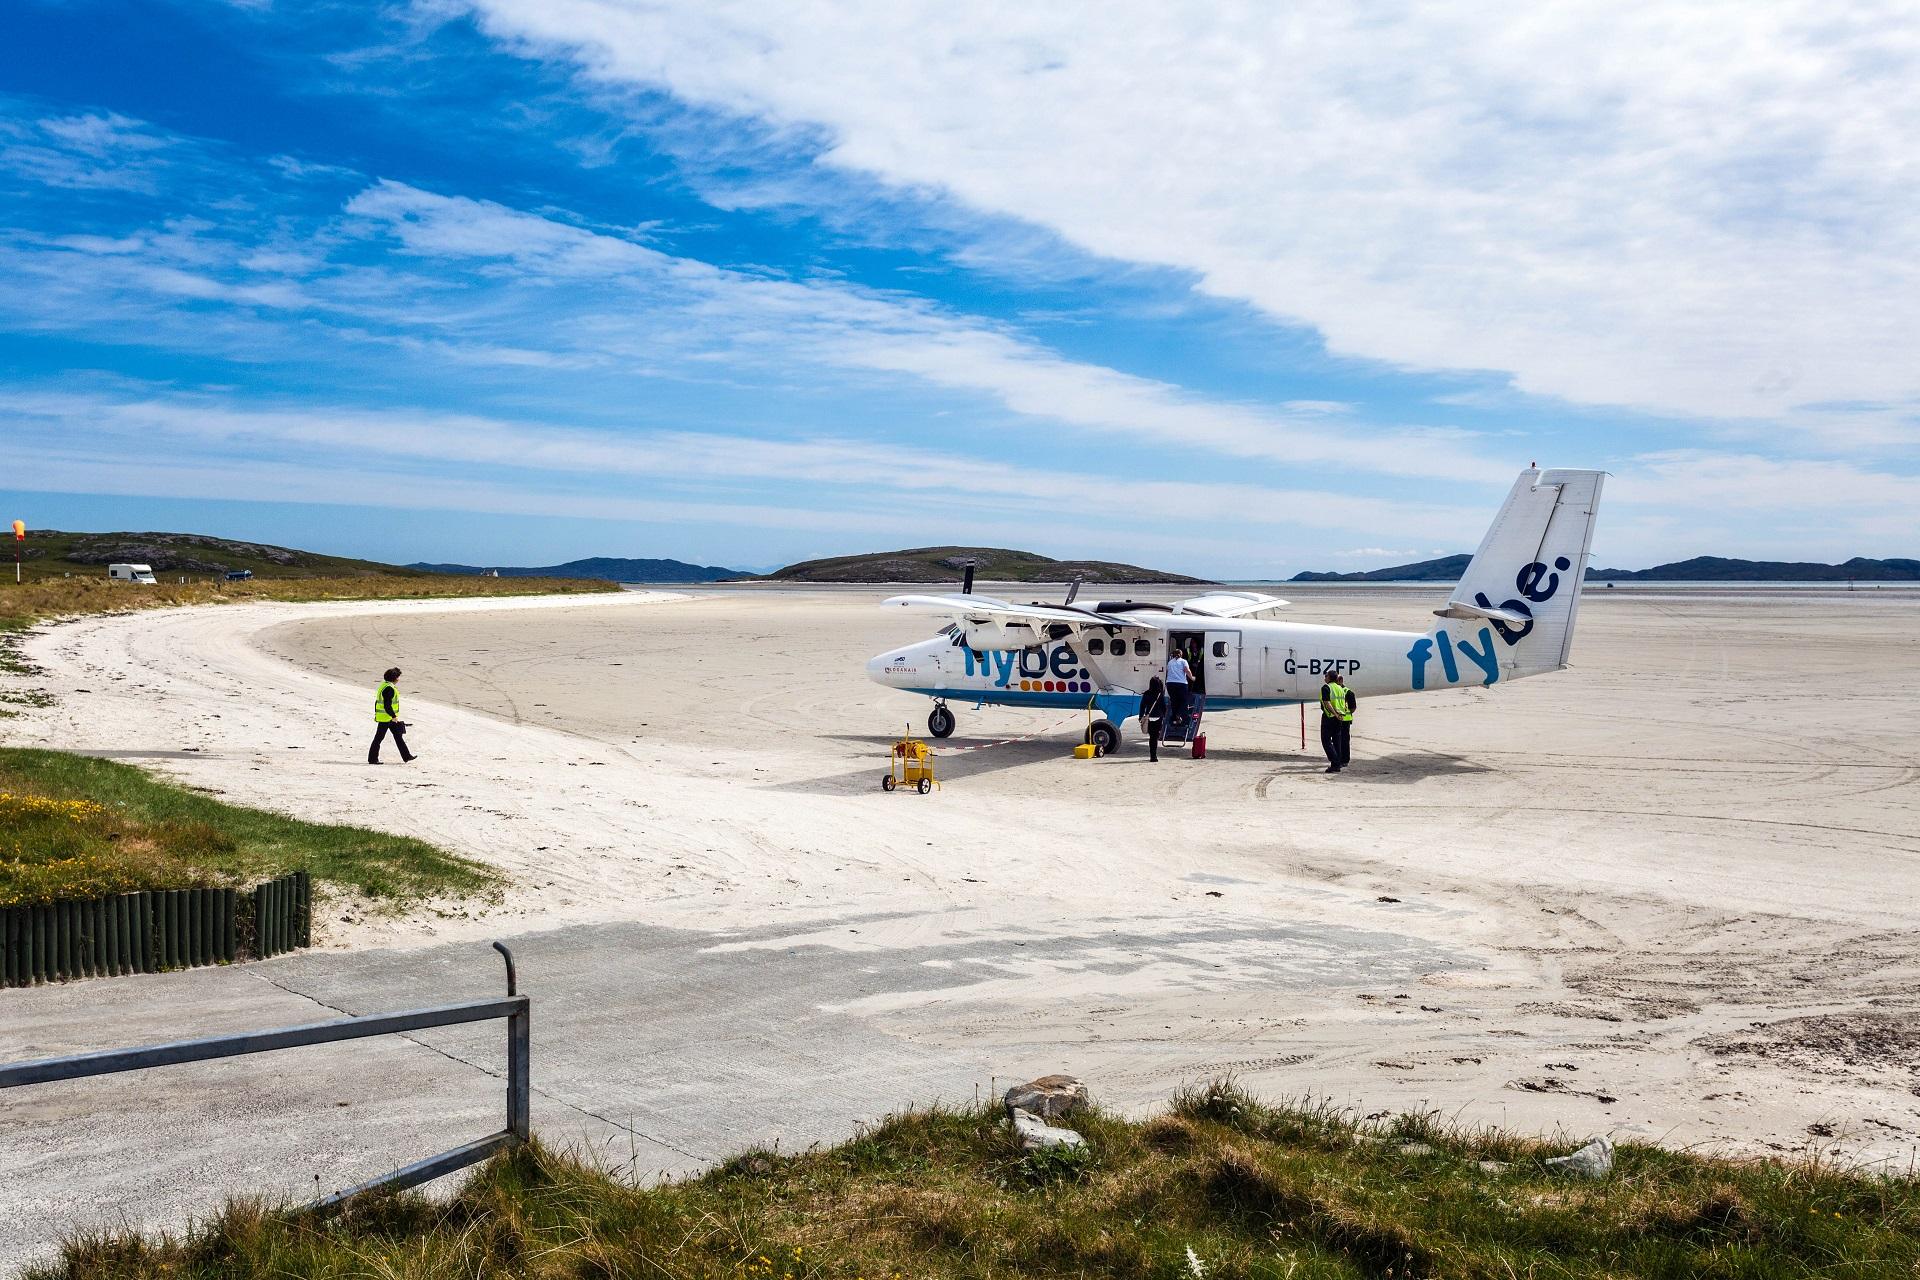 Flugzeug am Strand in Schottland.